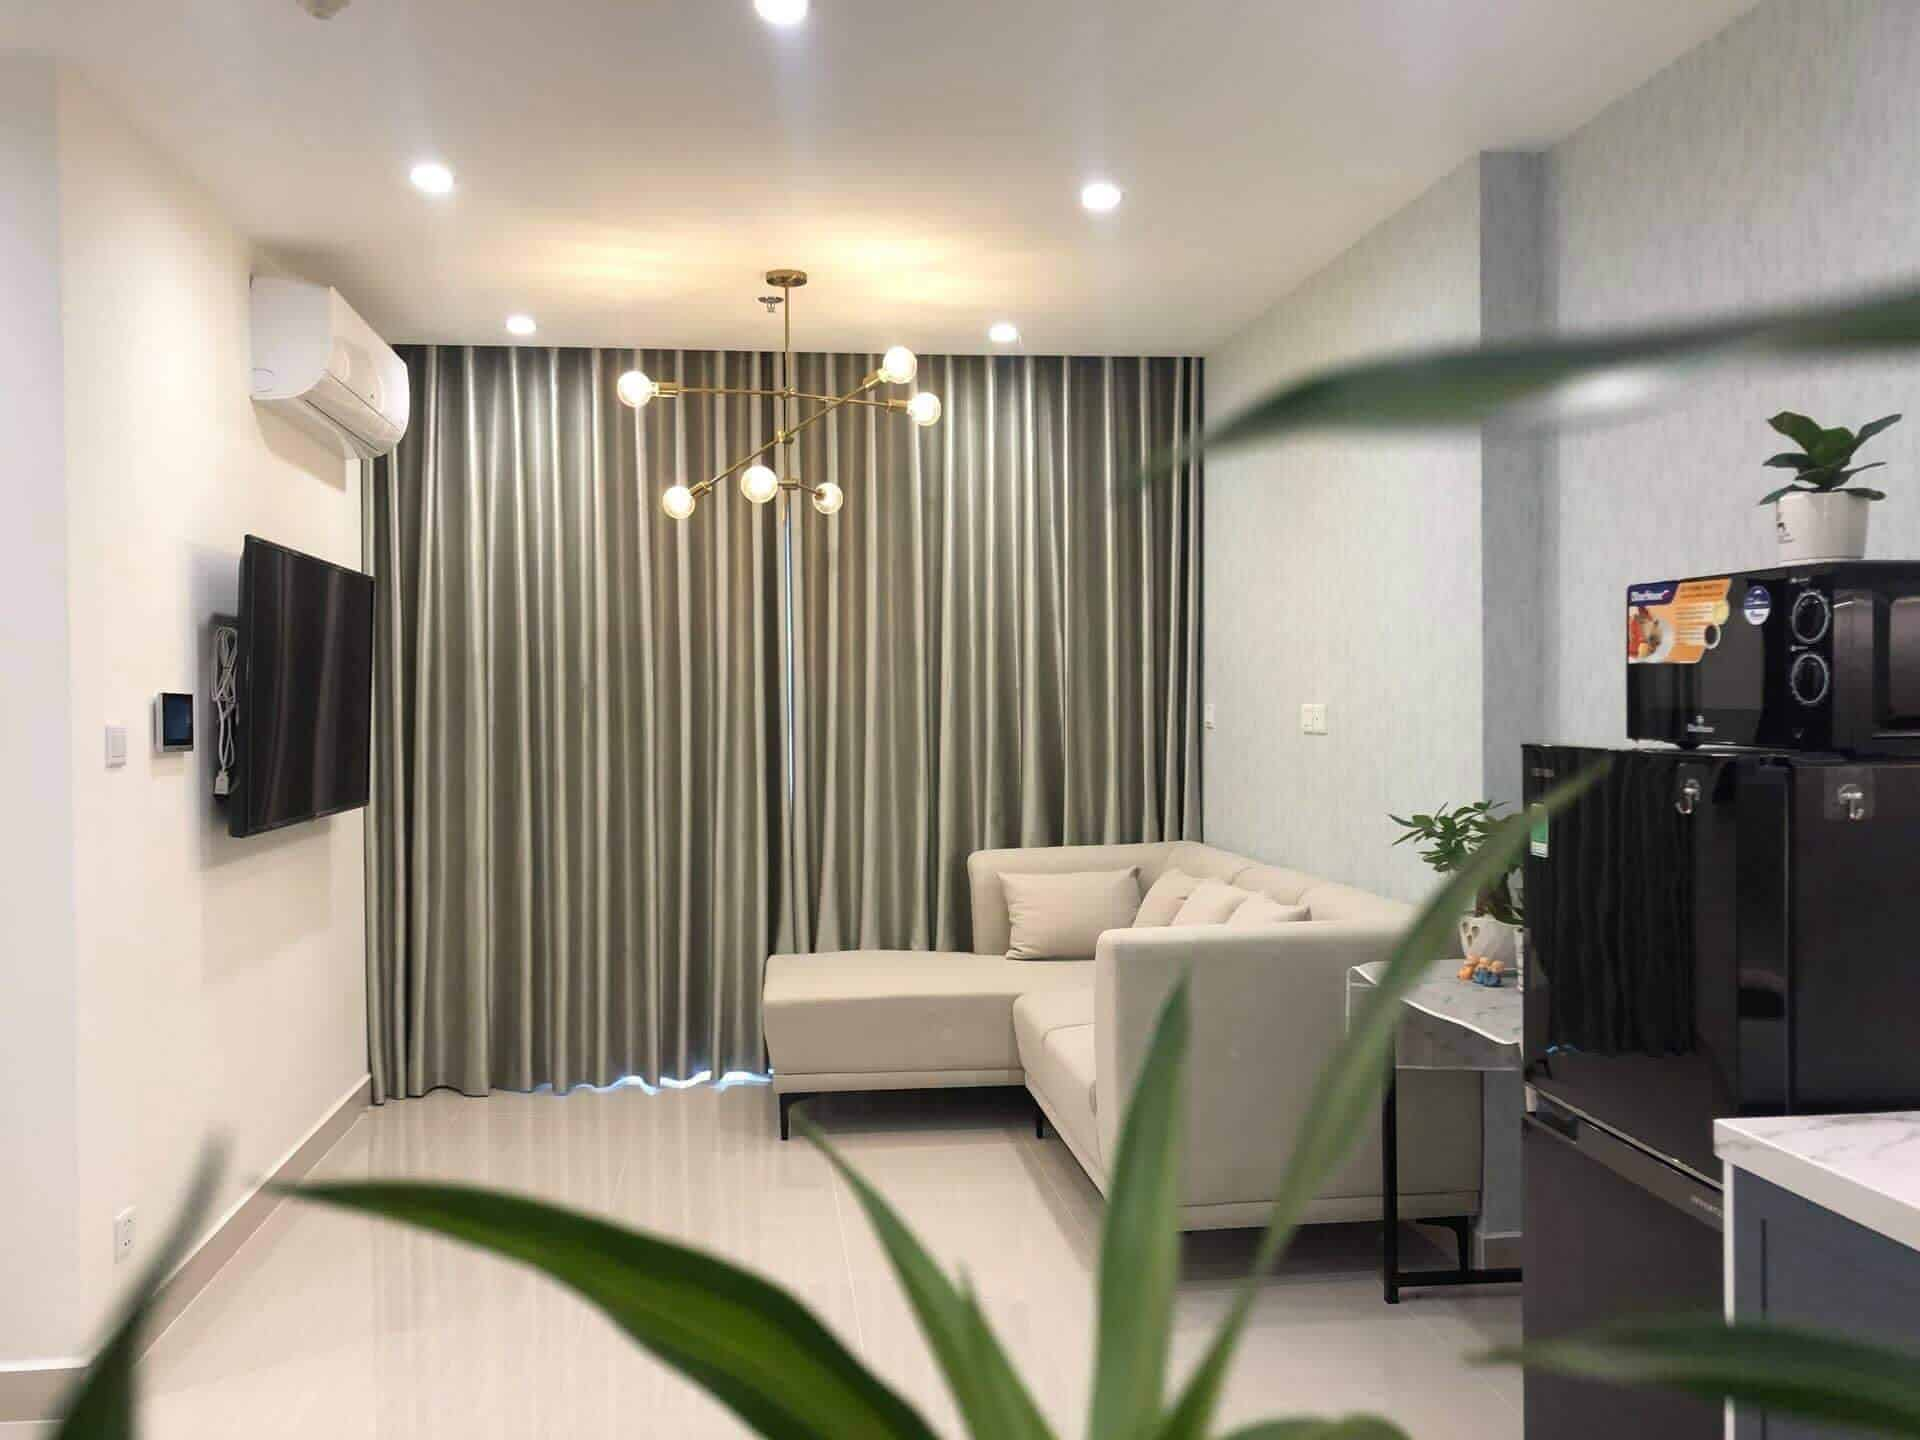 Cho thuê căn 1 phòng ngủ 47m2 toà S1.06 Vinhomes Grand Park 6tr